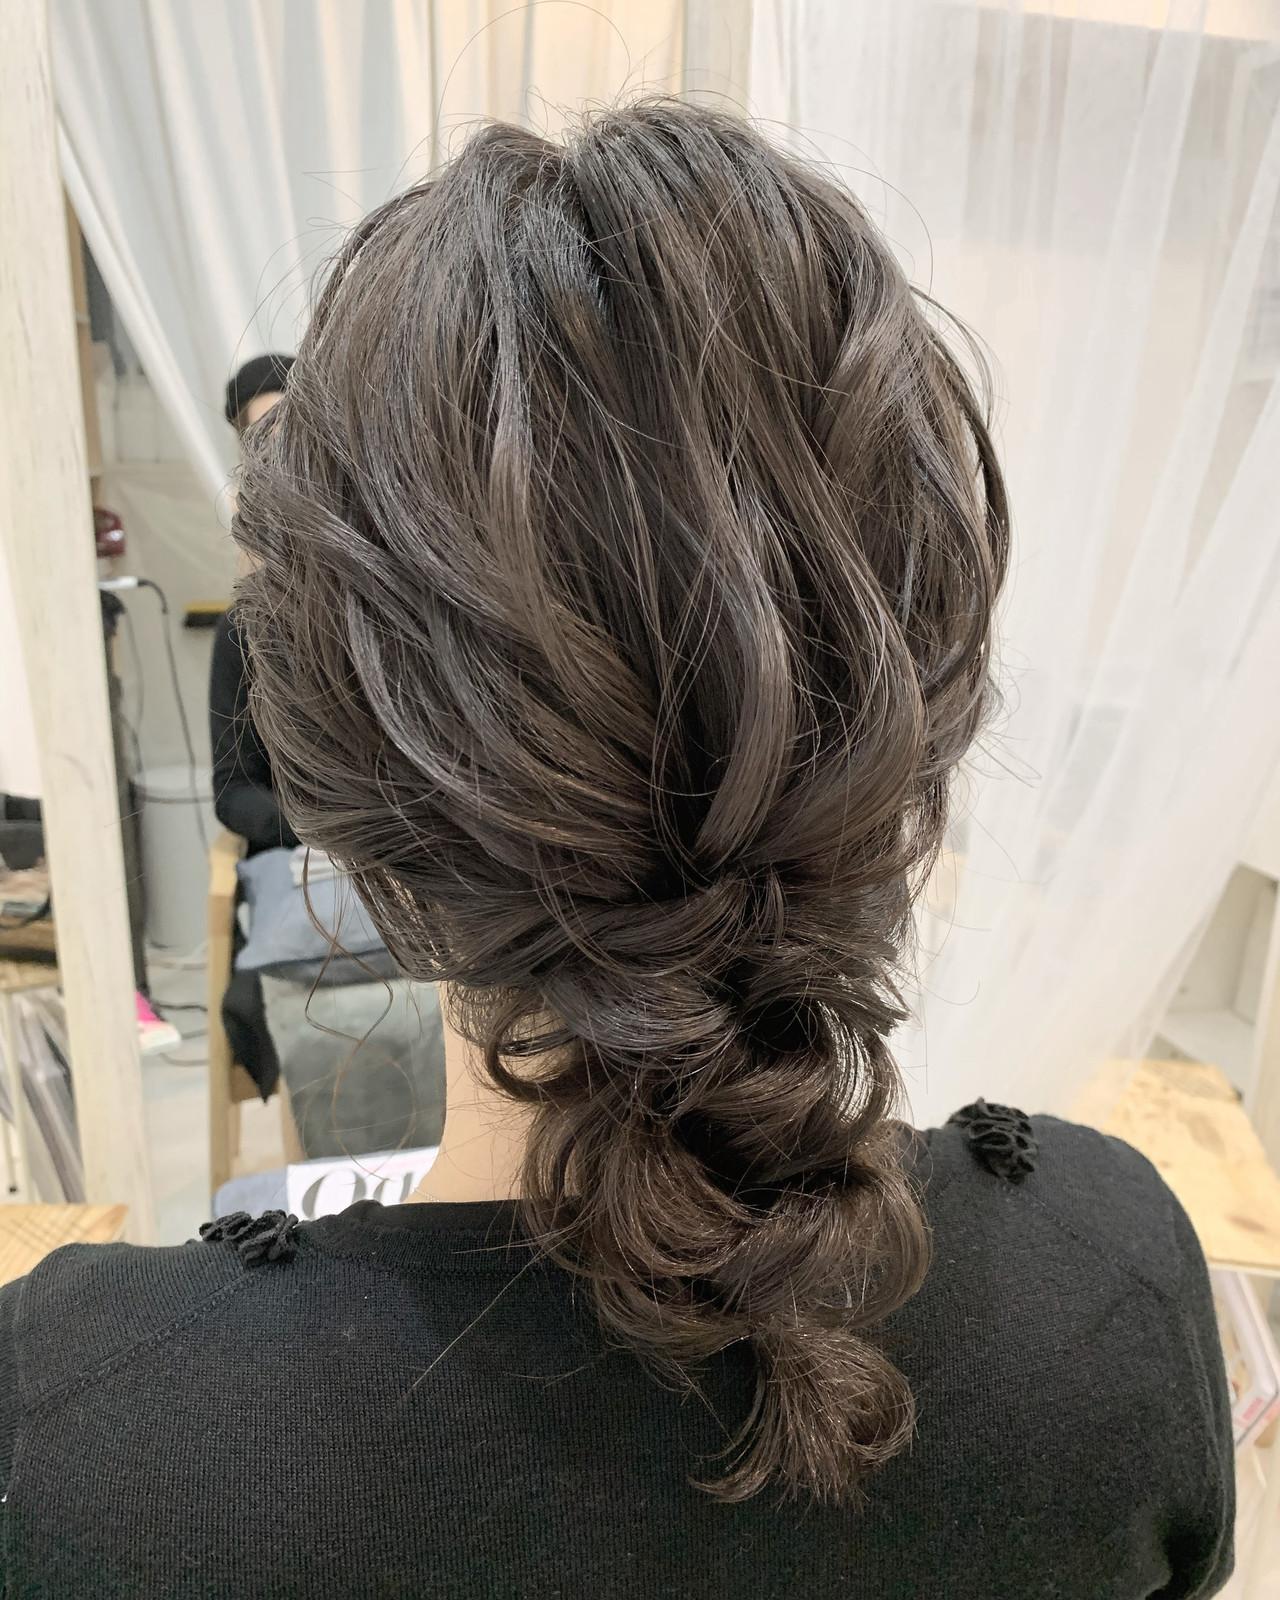 ナチュラル 結婚式ヘアアレンジ ミディアム 編みおろしヘアスタイルや髪型の写真・画像